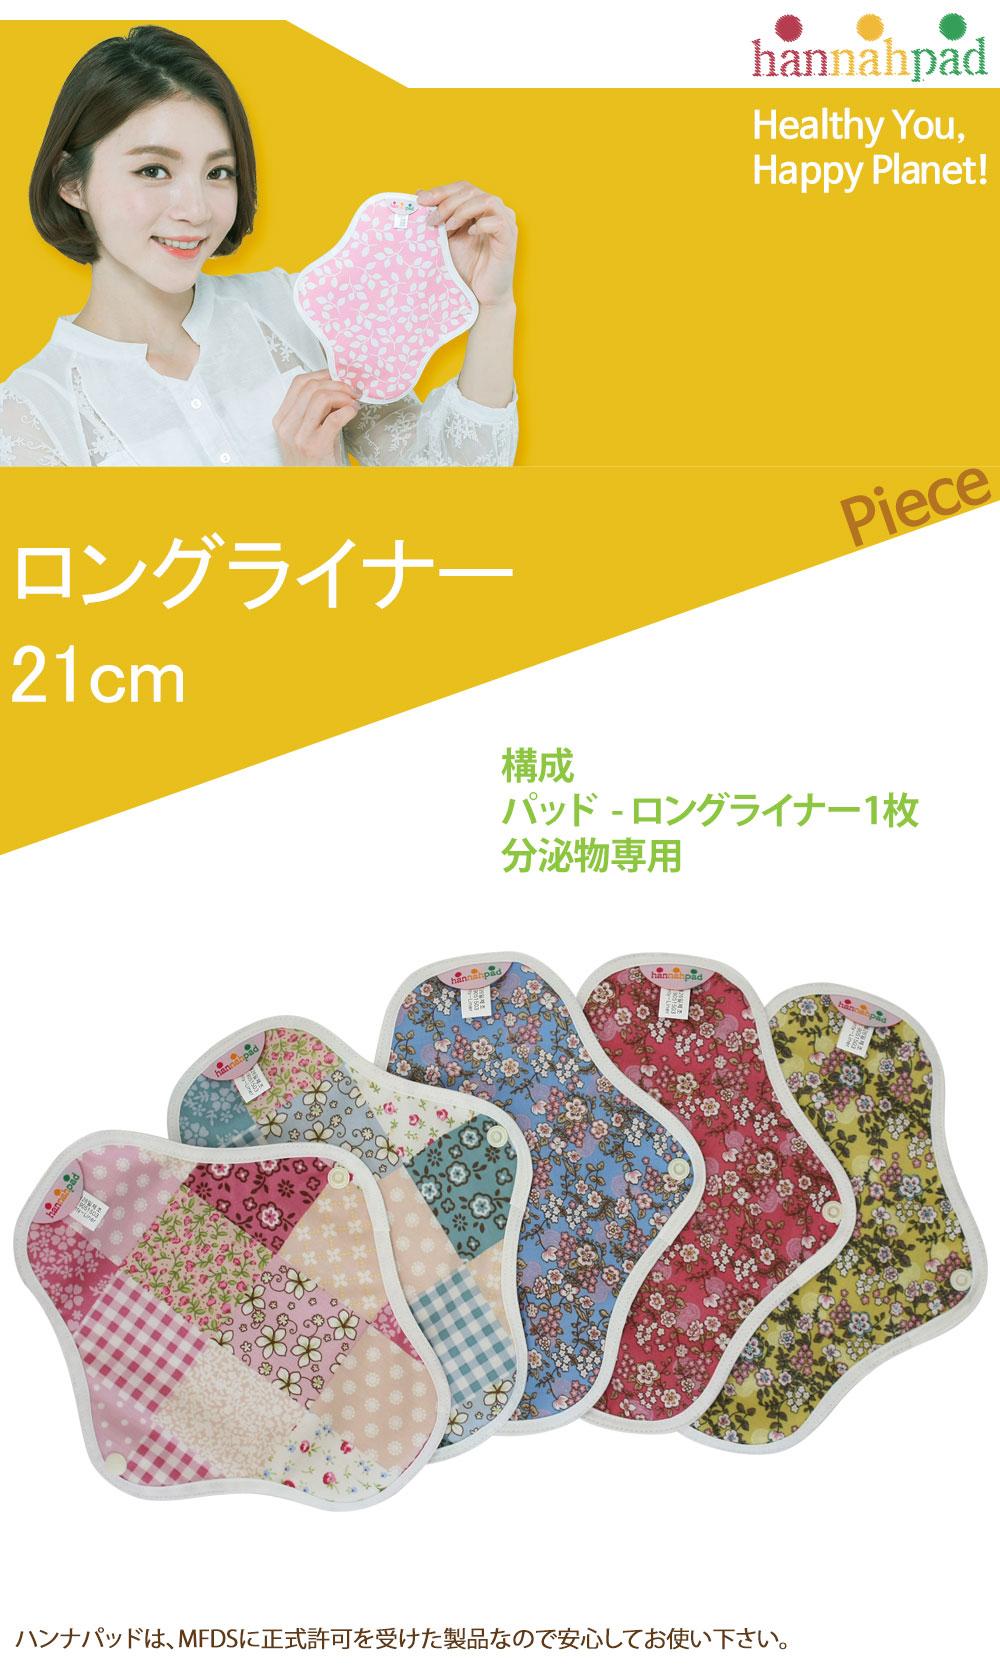 布ナプキン おりもの Panty-Liner 21Cm(厚さ:厚手)オーガニック布ナプキン 生理用品 有機栽培綿 月経布 布ナプキン オーガニックコットン